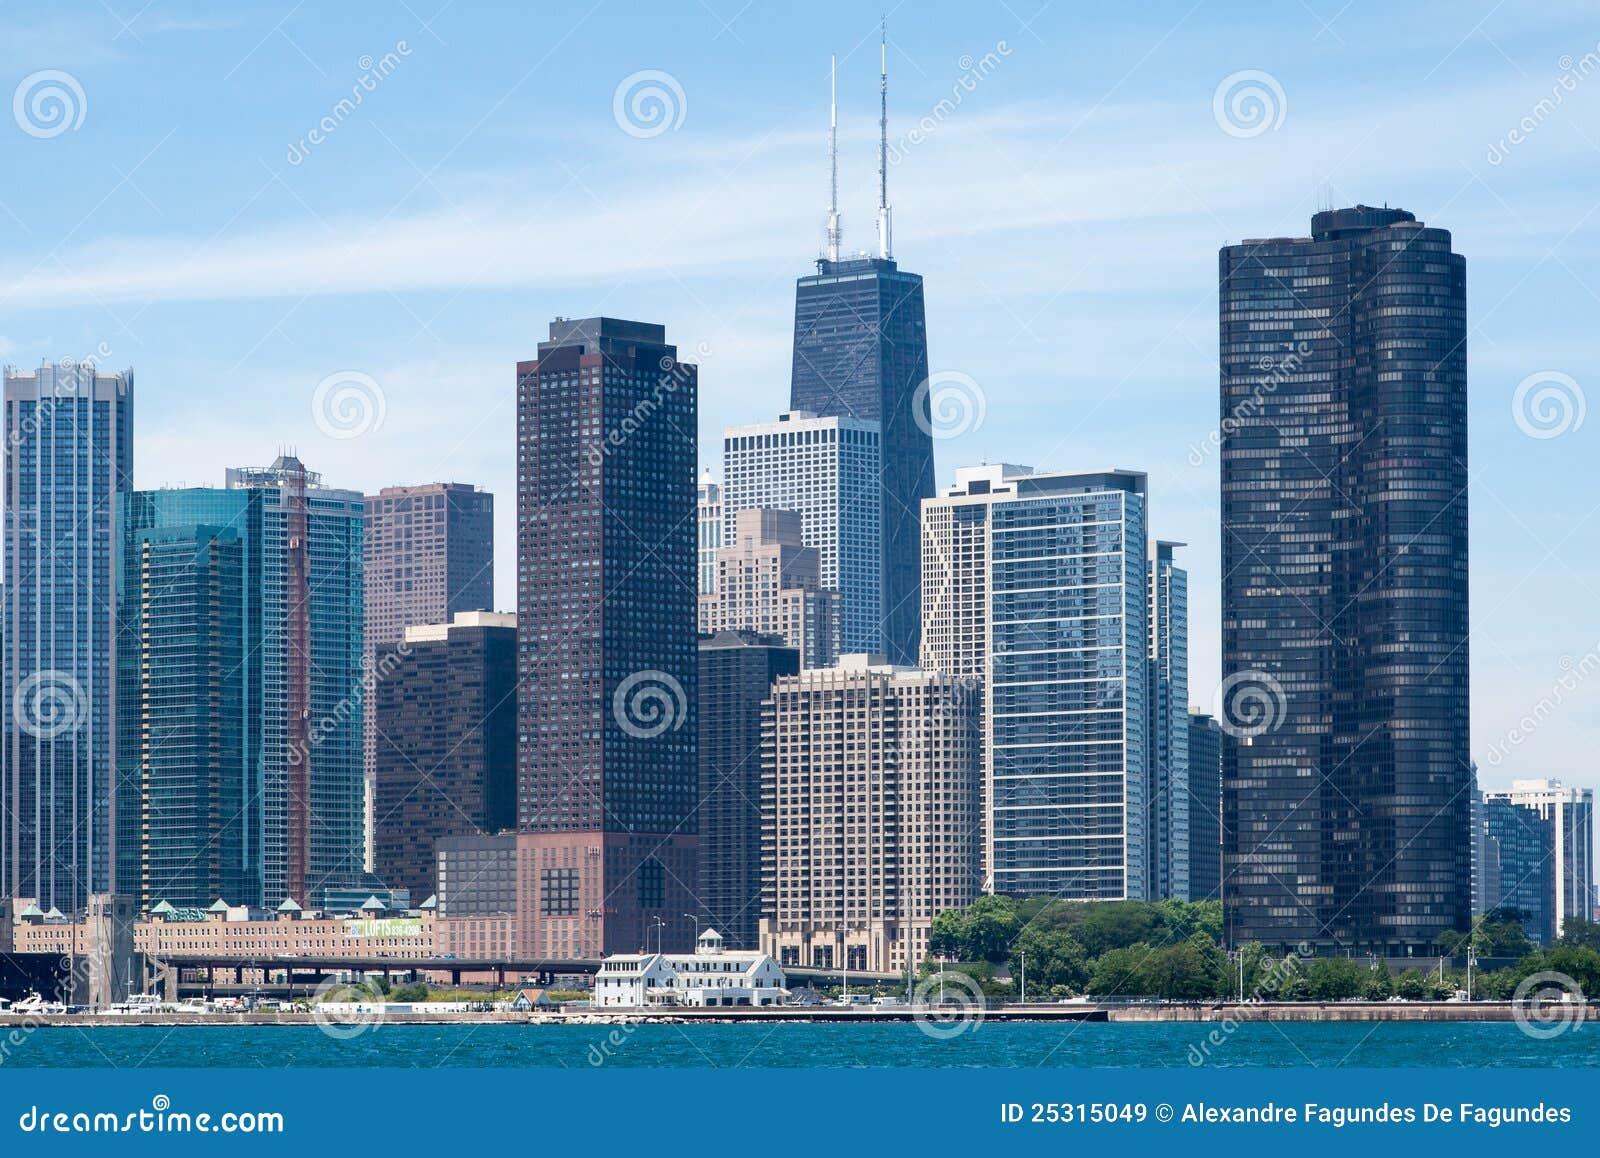 Edif cios modernos de chicago imagem de stock editorial - Fotos de recibidores modernos ...